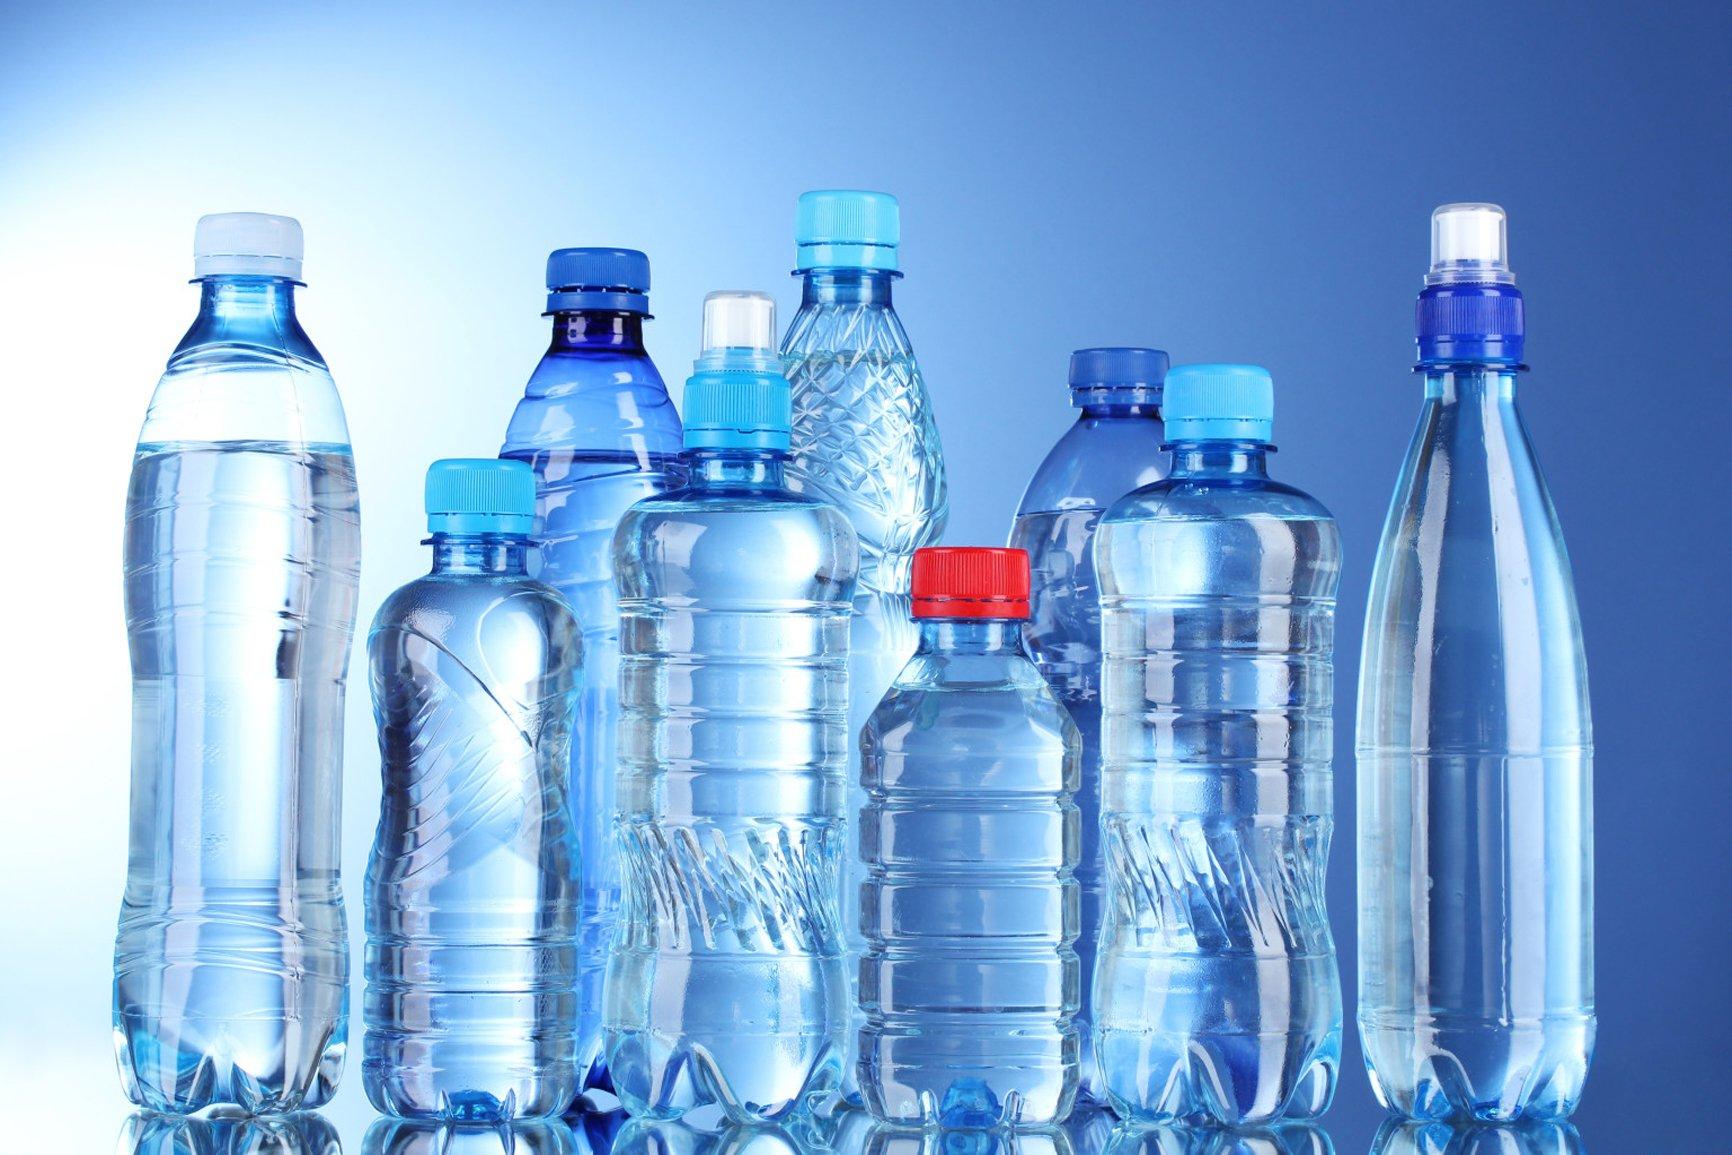 Эксперт объяснил, какая бутилированная вода не будет маркироваться